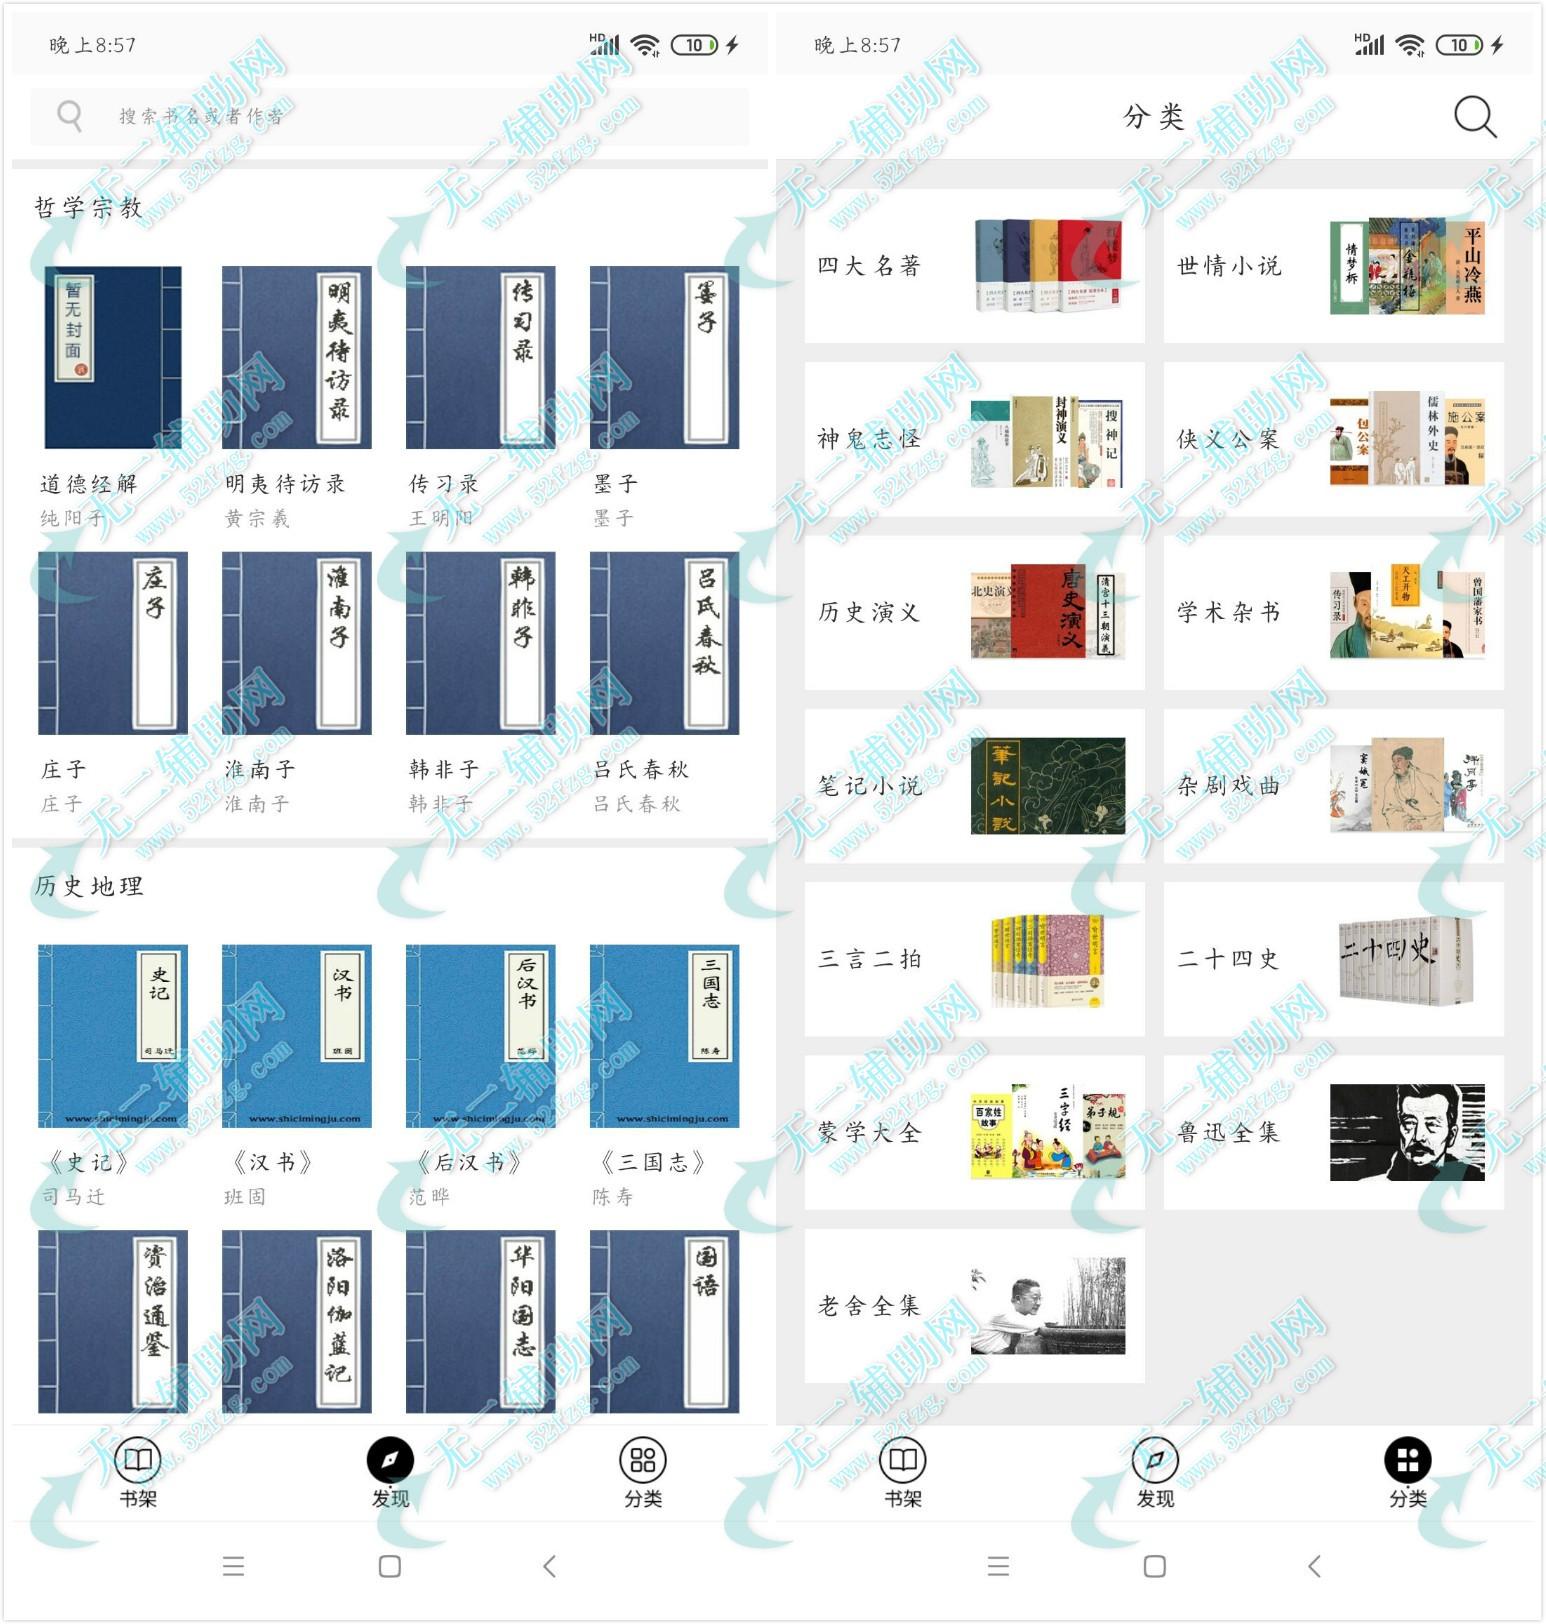 人生必读100本古籍安卓版v1.2.1下载 包含四大名著、历史演义、杂剧戏曲等